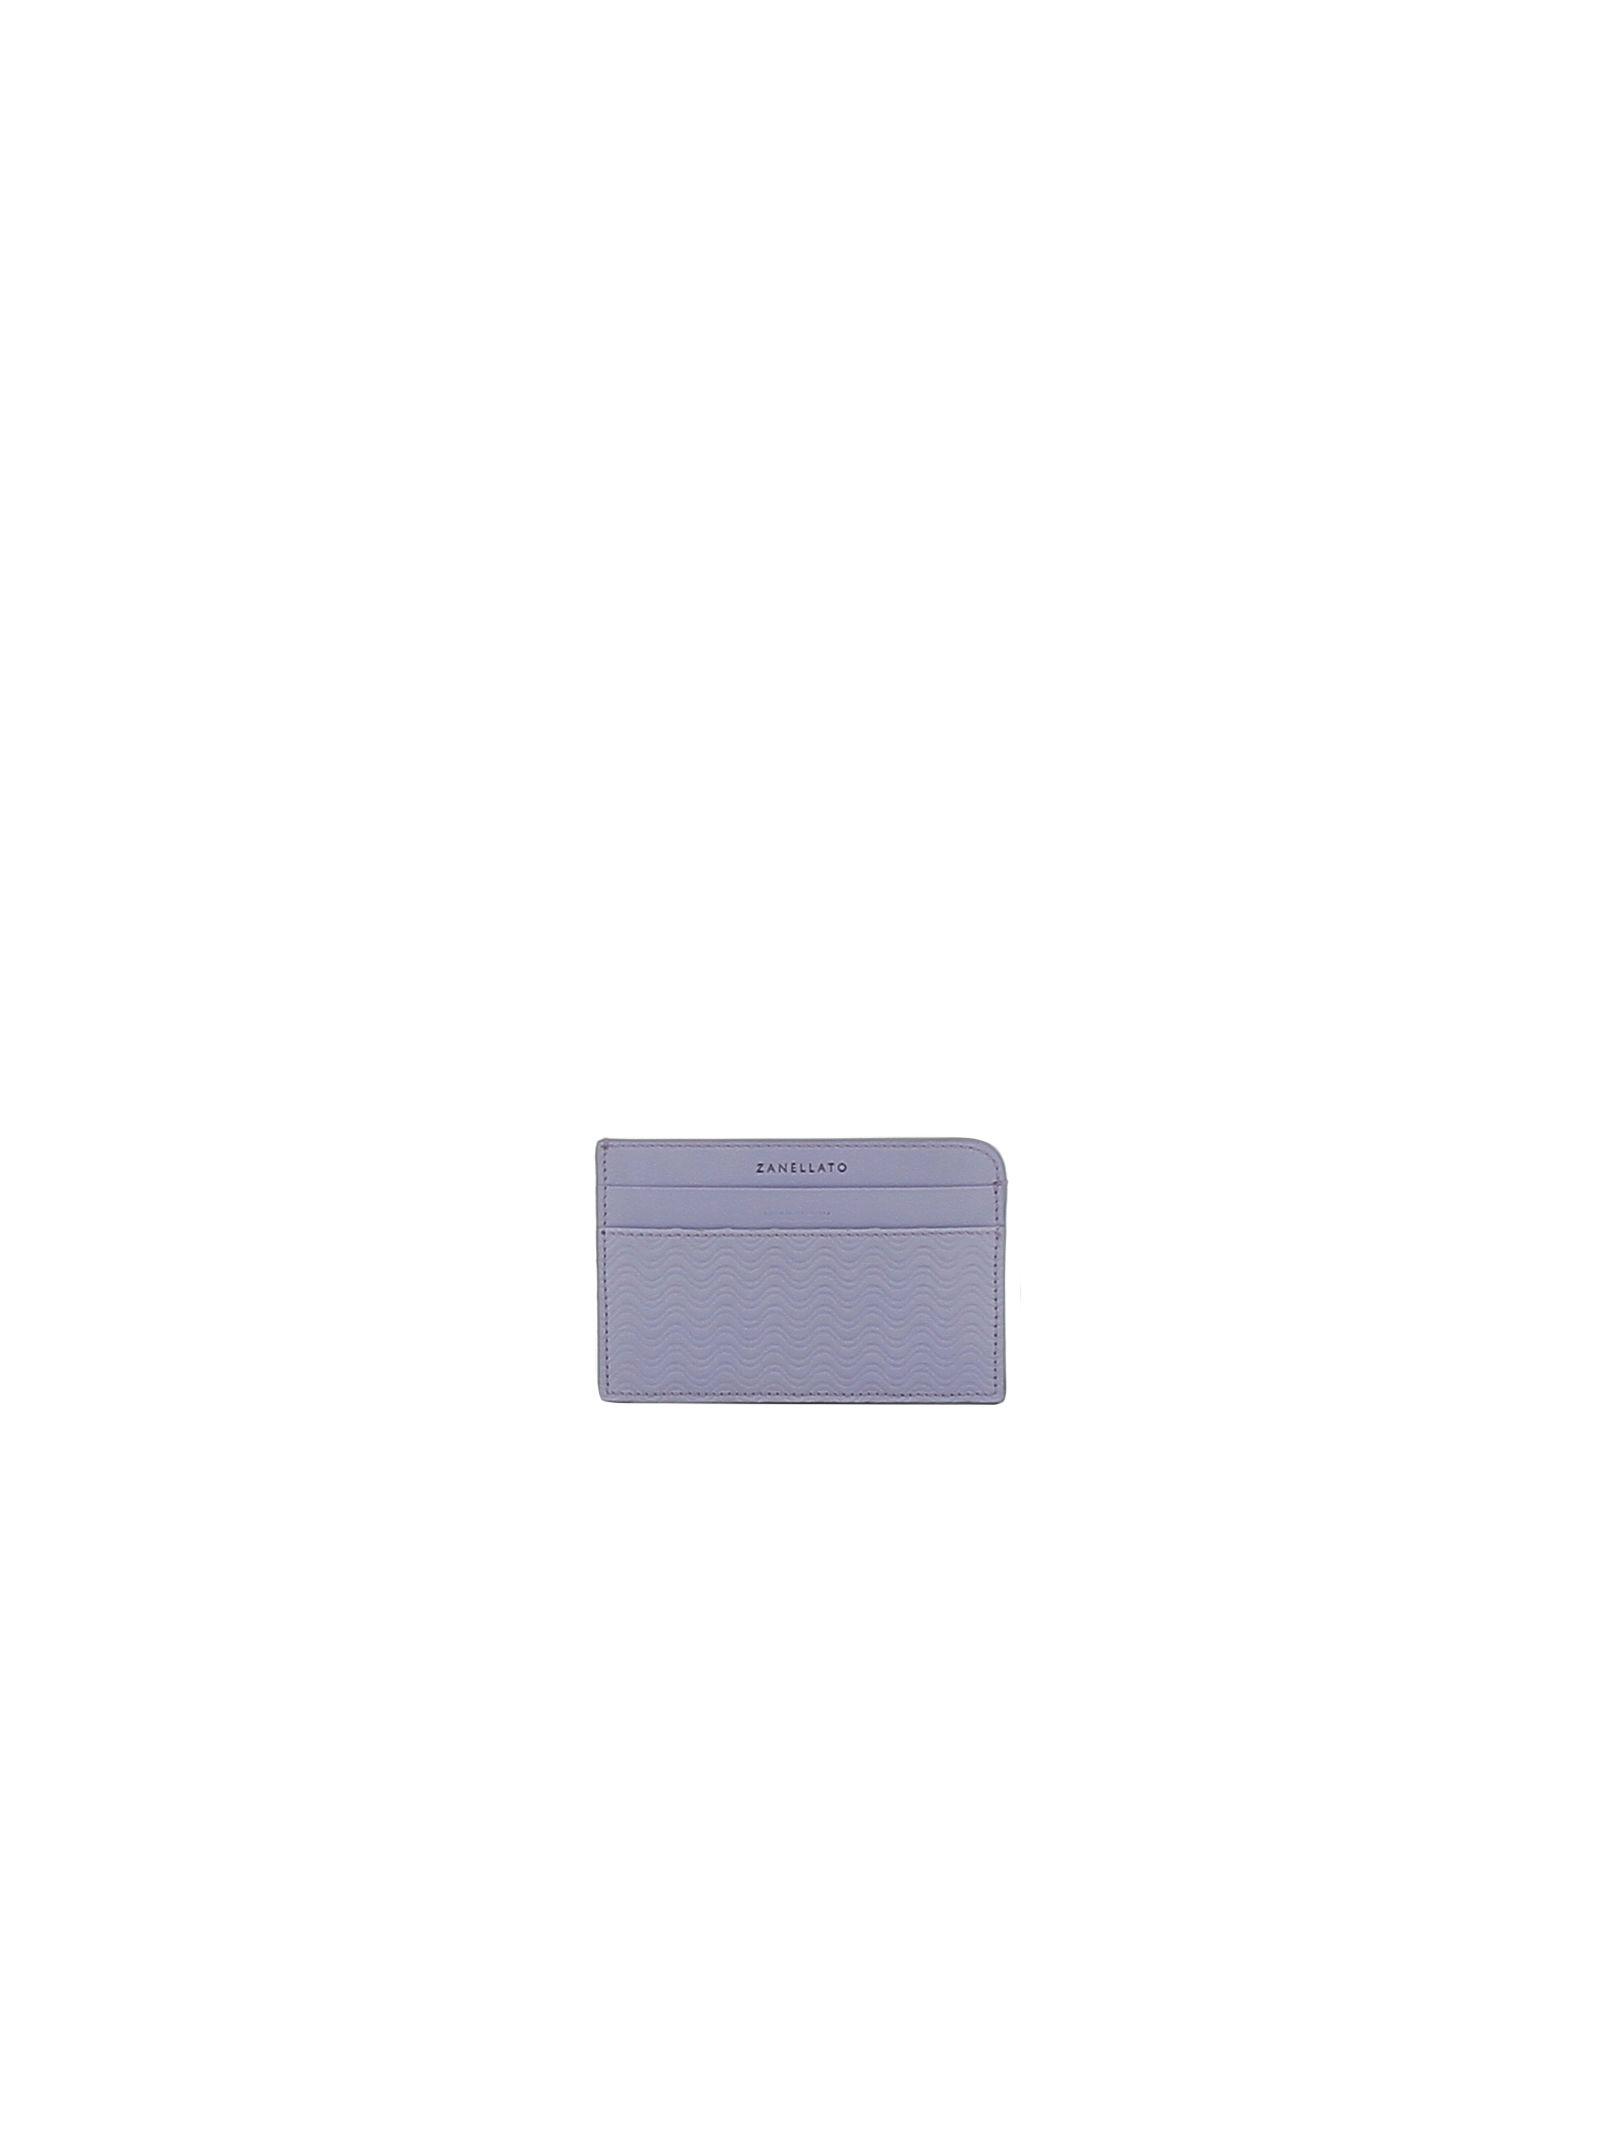 Zanellato Leather Card Holder